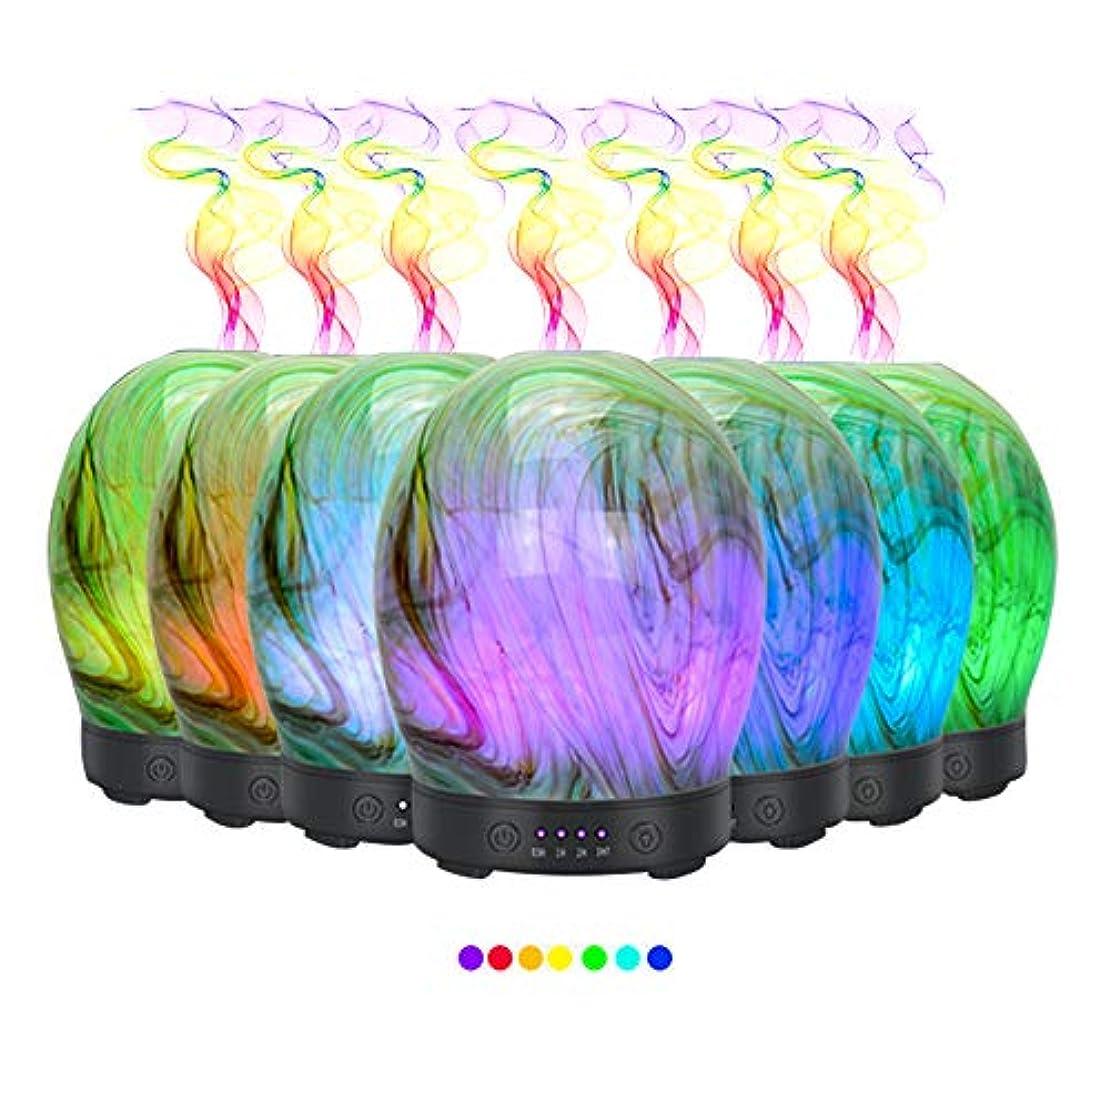 鳴らす収入波エッセンシャルオイル用ディフューザー (100ml)-3d アートガラスツイストツリーアロマ加湿器7色の変更 LED ライト & 4 タイマー設定、水なしオートシャットオフ